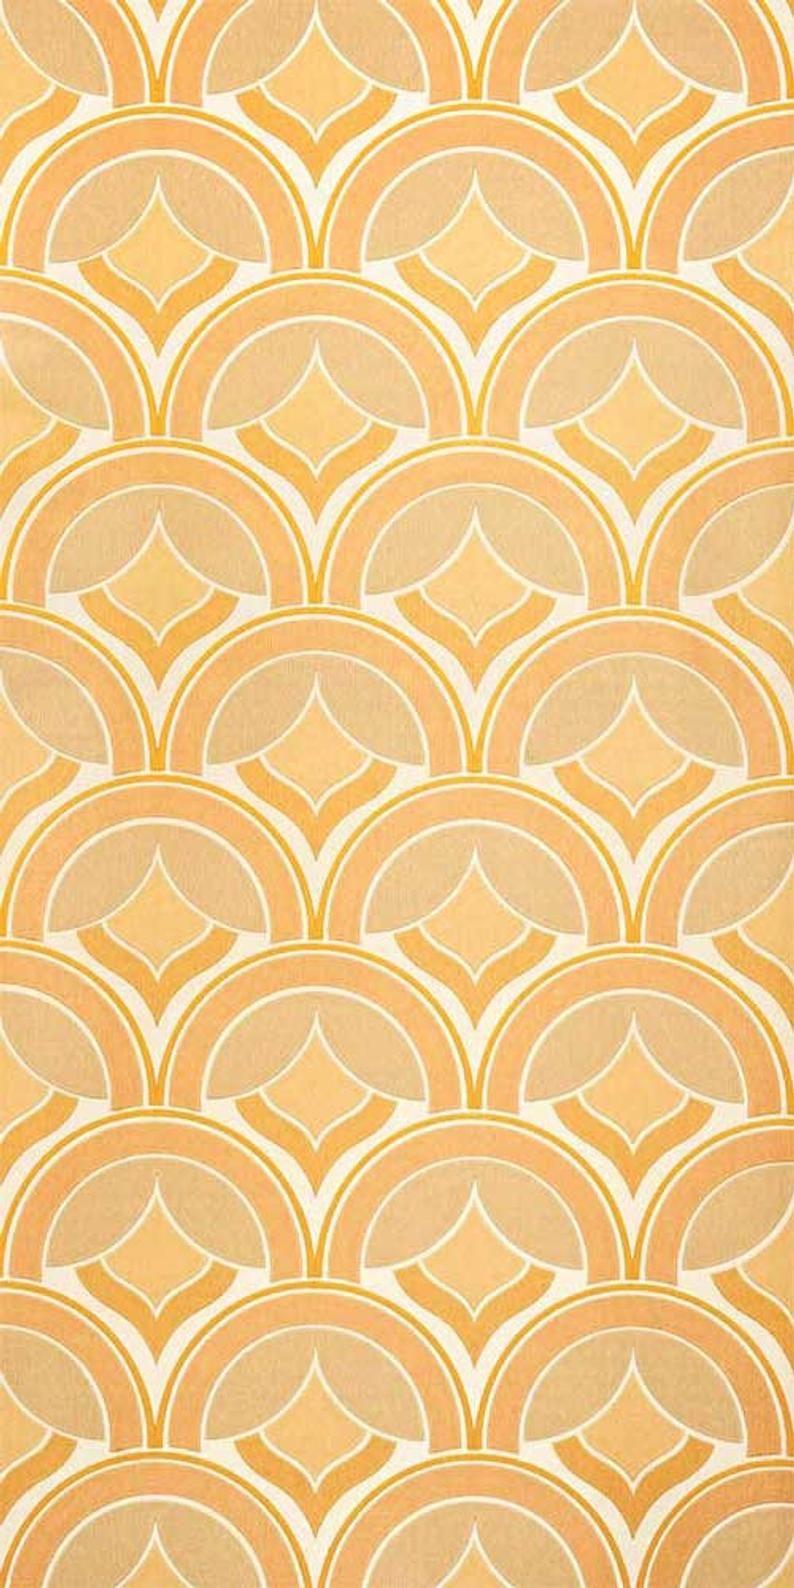 70s Wallpaper 1036 Roll Vintage Wallpaper Tapeten Und Retro Druck